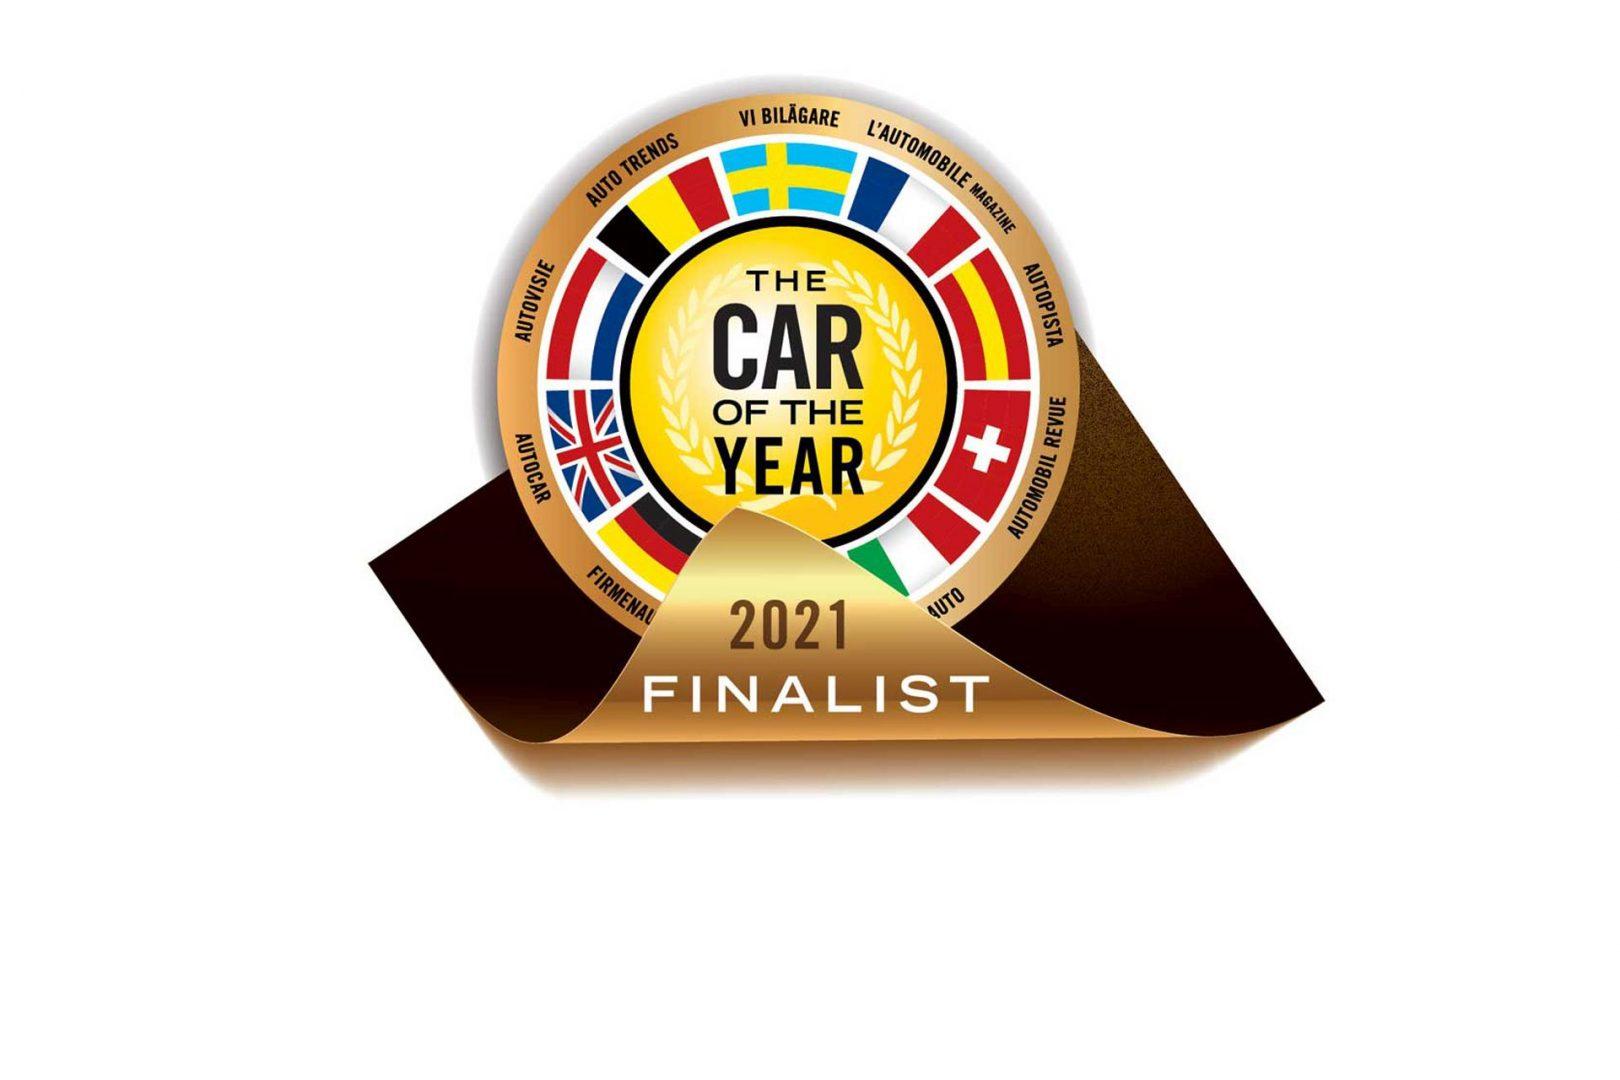 Objavljeno je sedam finalista za Europski automobil godine 2021.